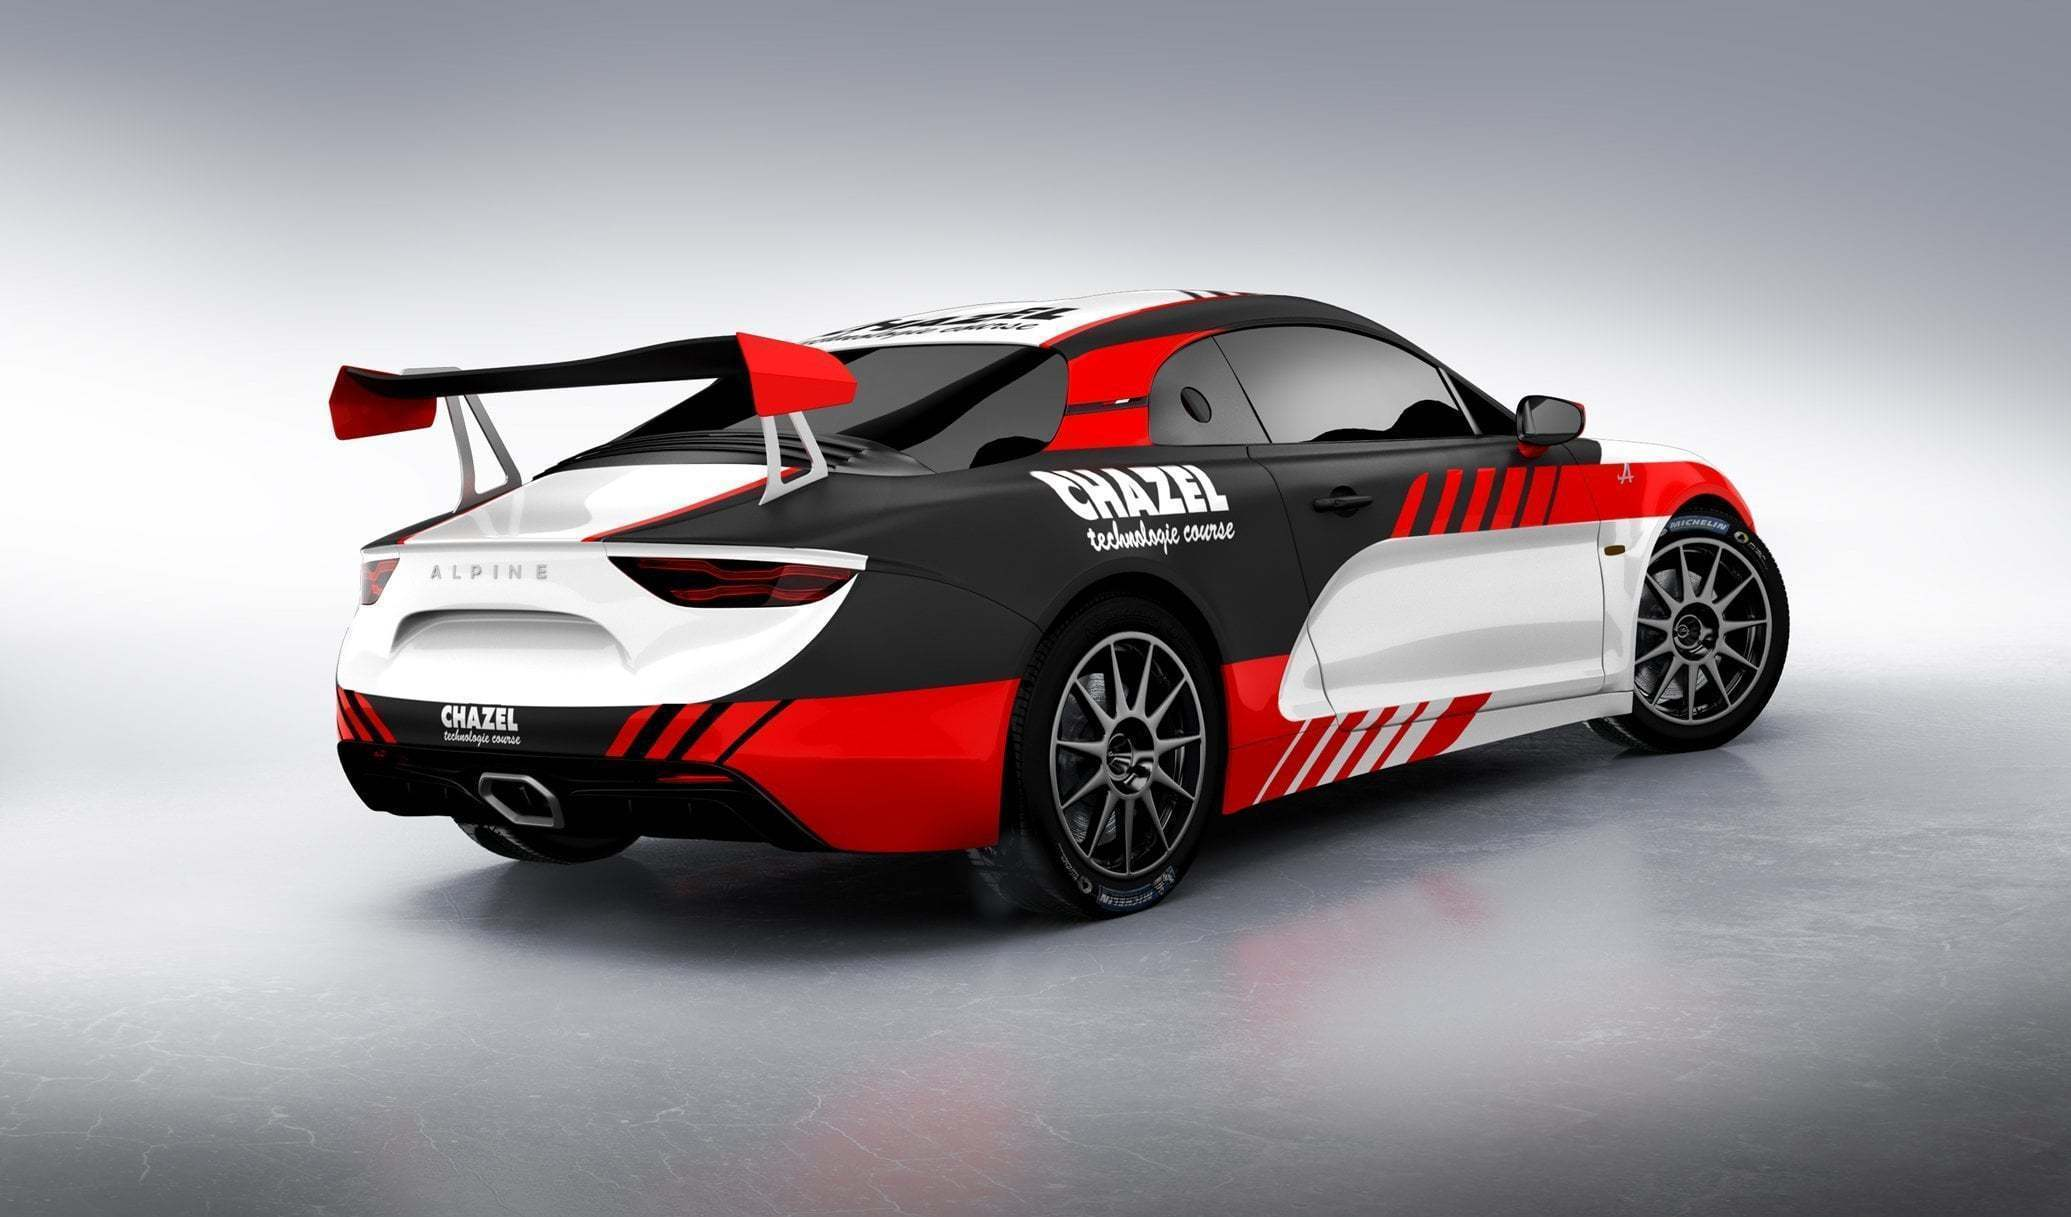 Alpine RGT CHAZEL 2 | Le Team Chazel Technologie Course engagera une Alpine A110 R-GT en 2020